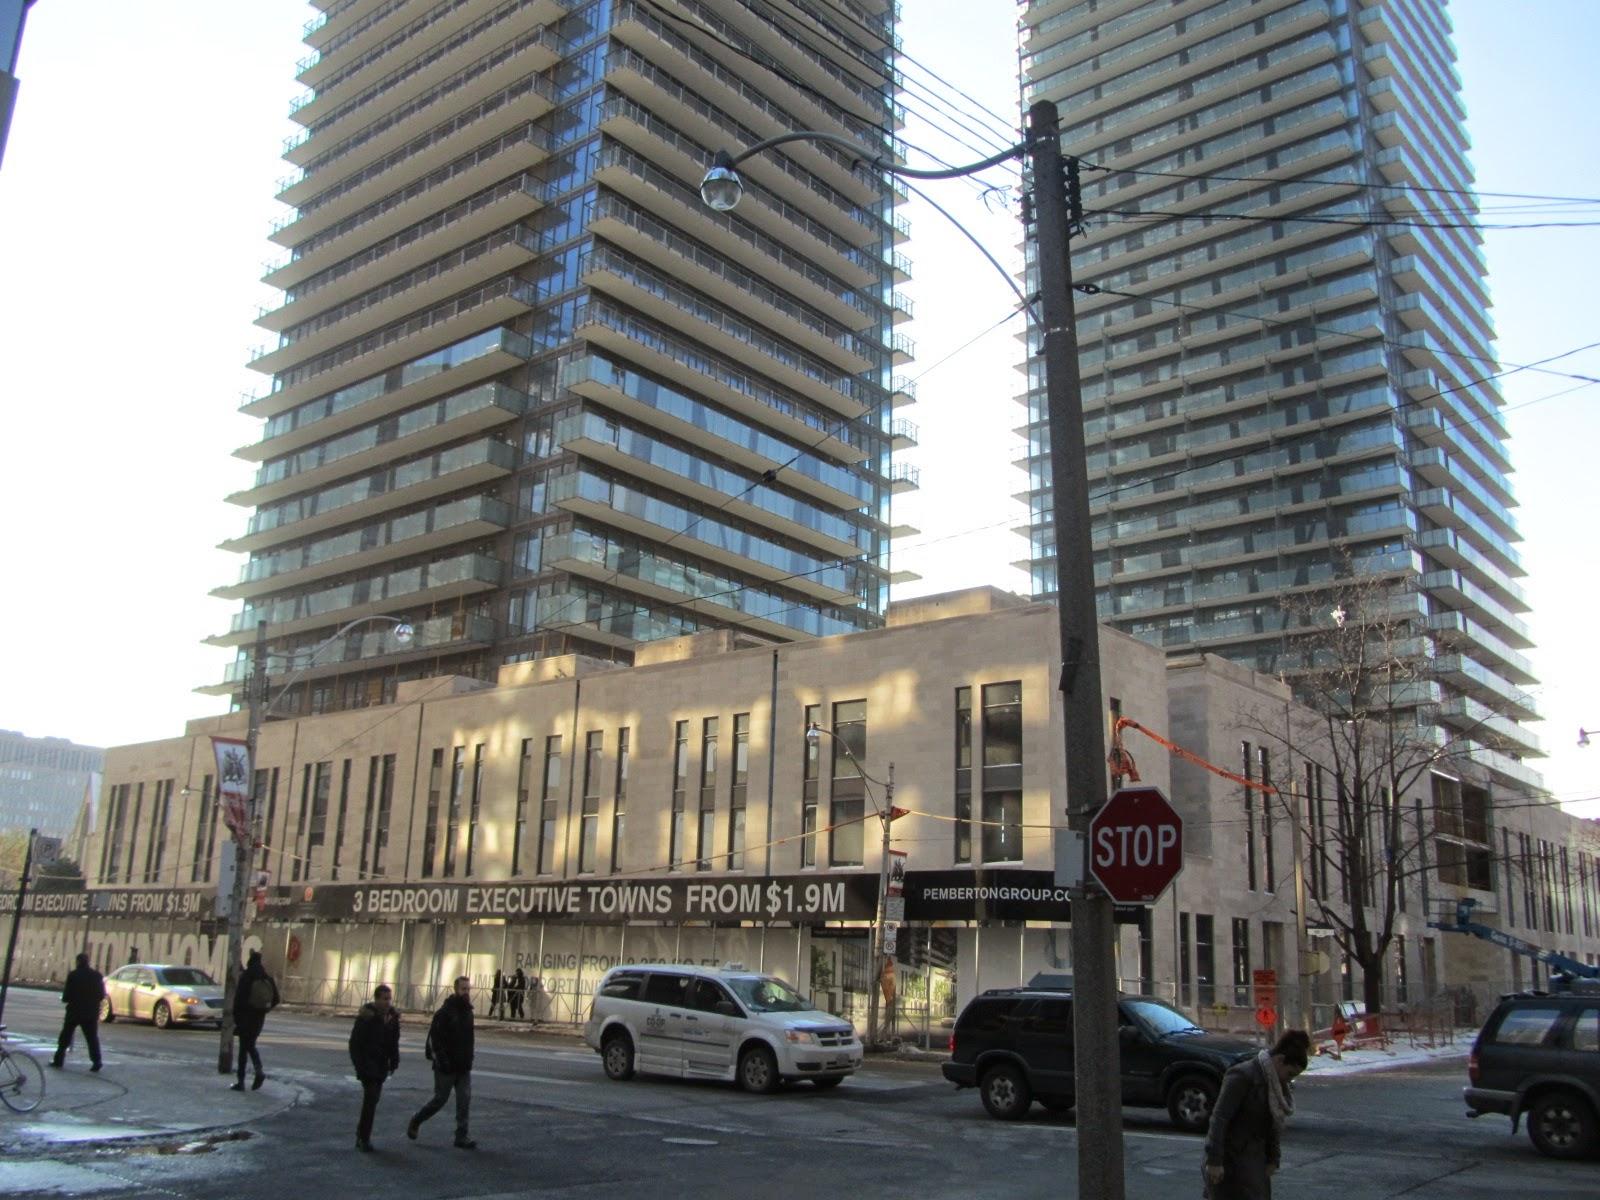 U Condos For Sale Bay Street Toronto